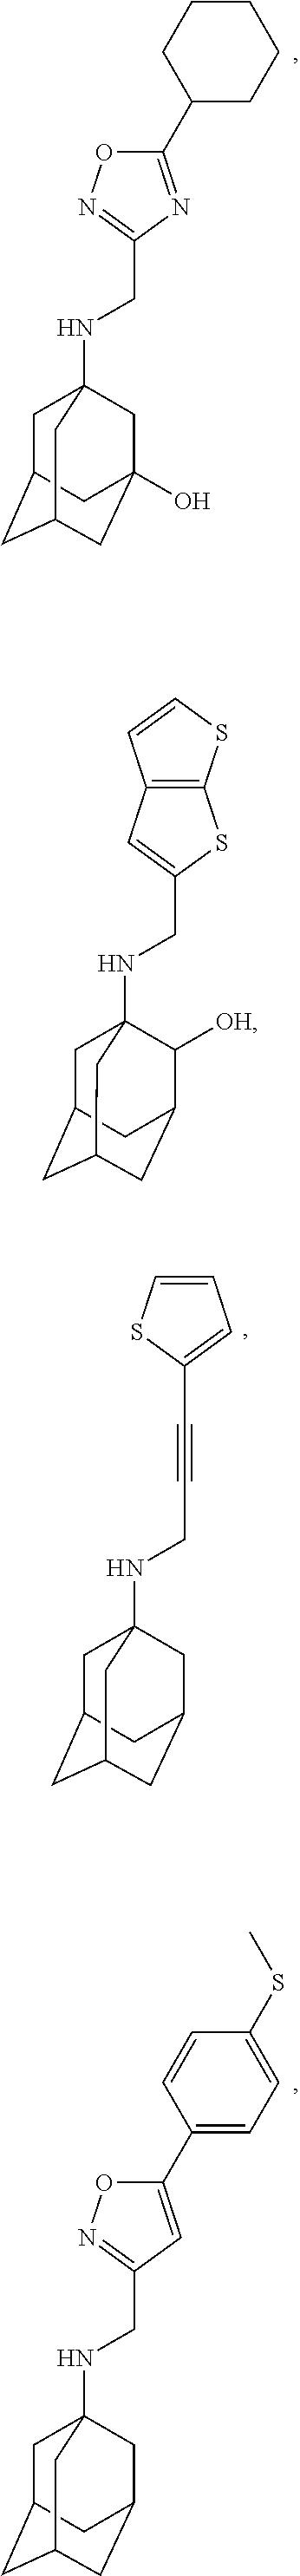 Figure US09884832-20180206-C00095